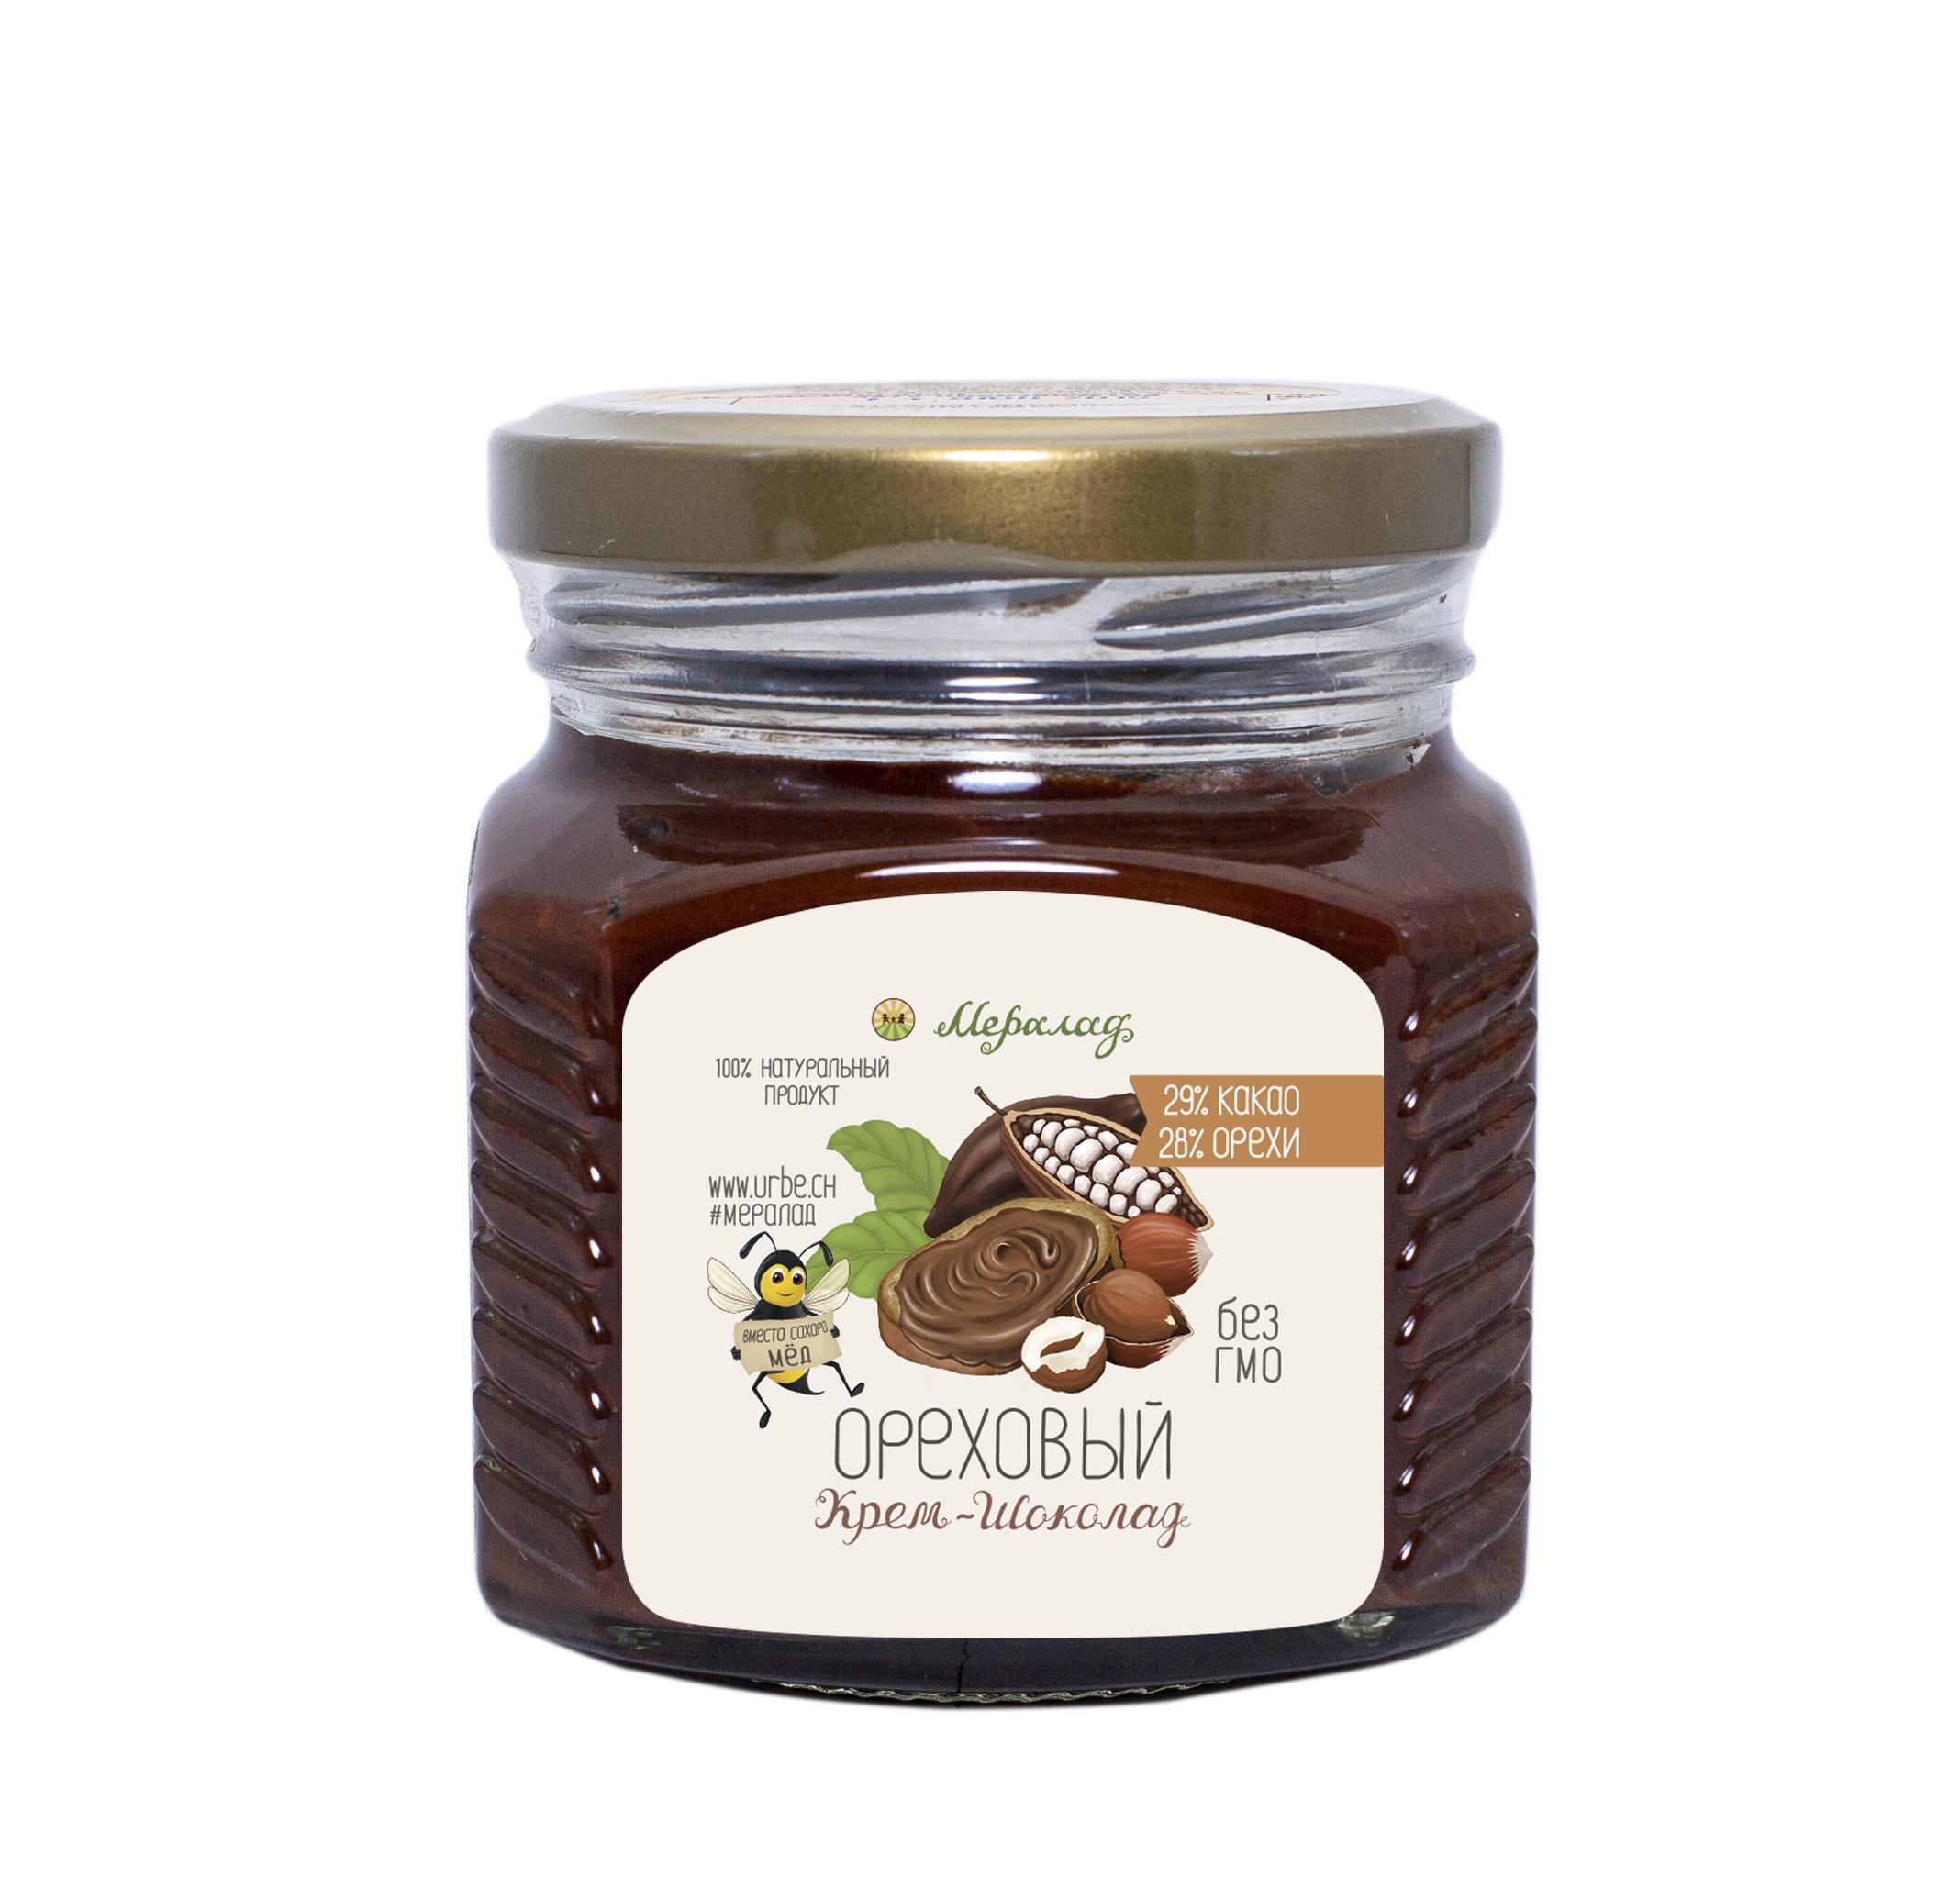 Фото Крем-шоколад ореховый (230г.) от Мералад